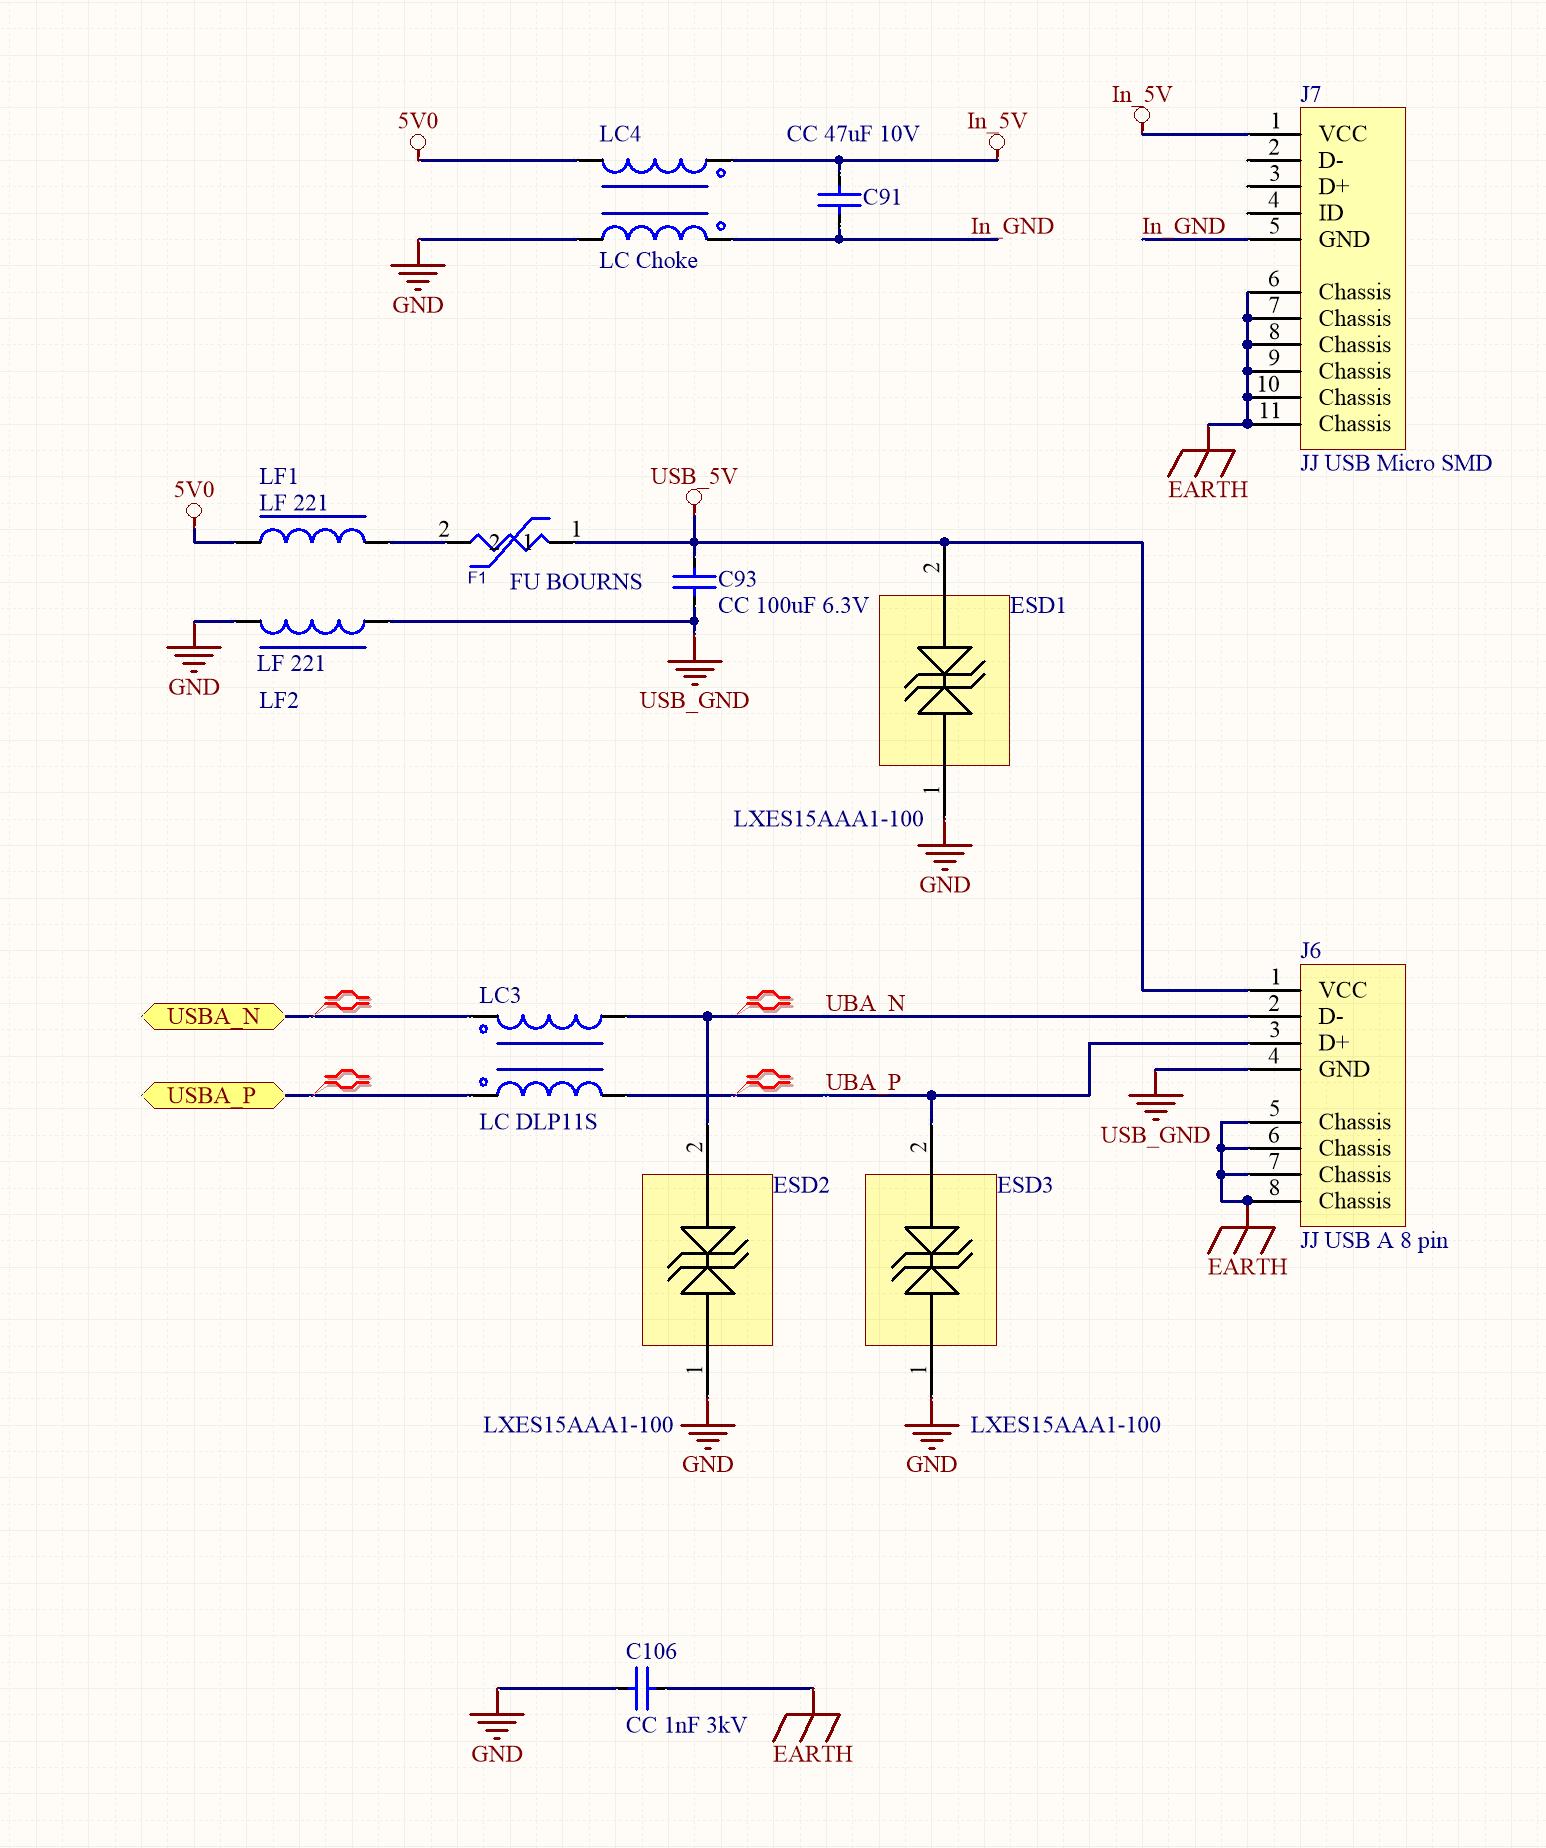 Phenomenal Usb Plug Schematic Wiring Diagram Data Schema Wiring Cloud Hemtshollocom